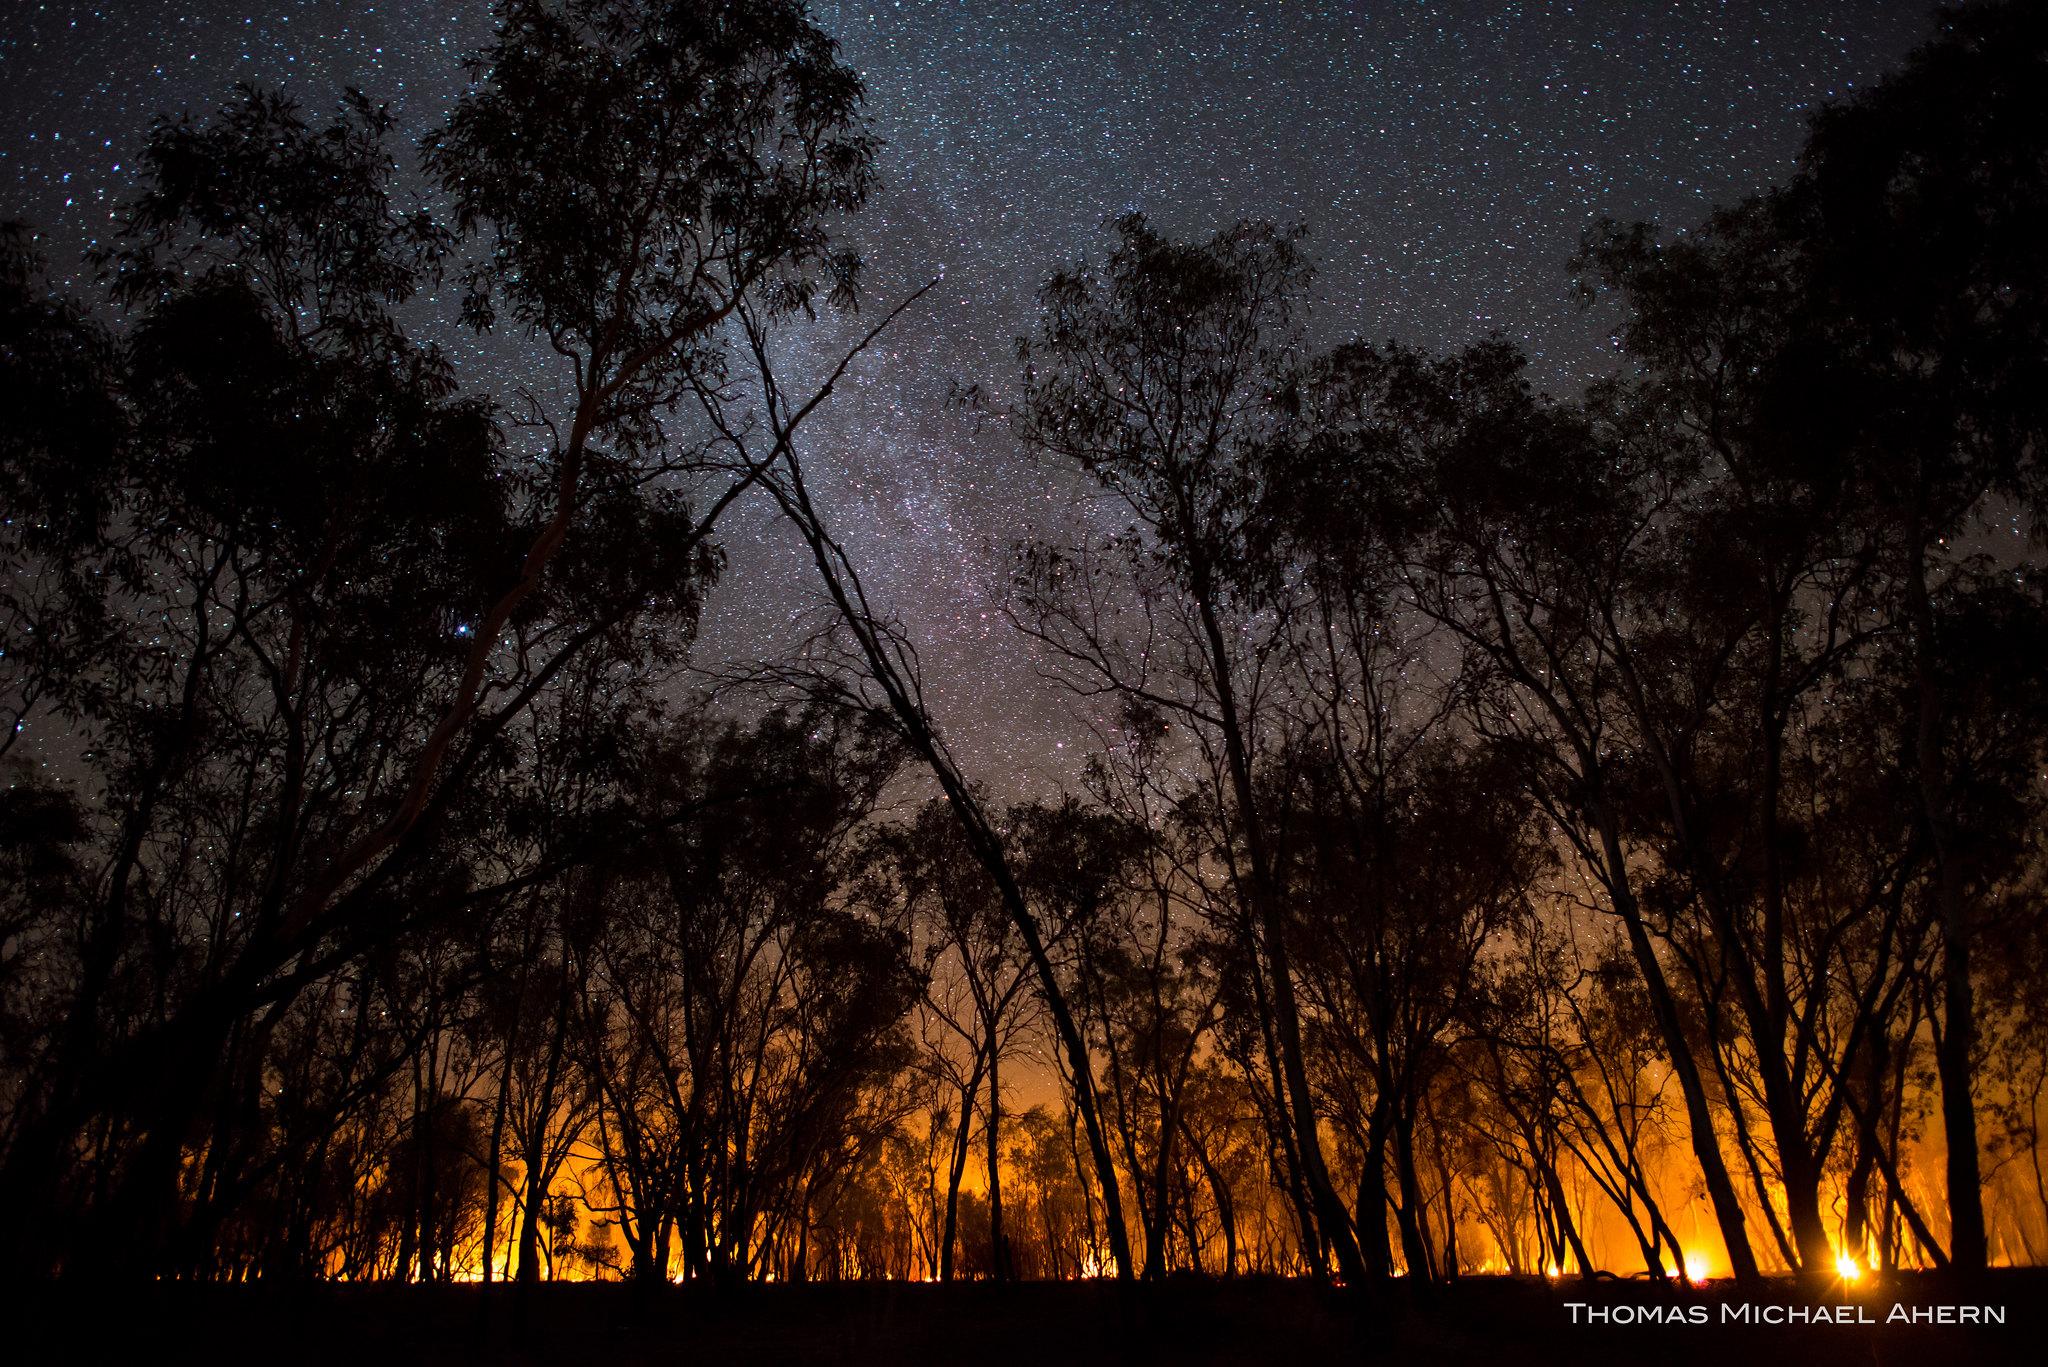 Burning Outback, Australia